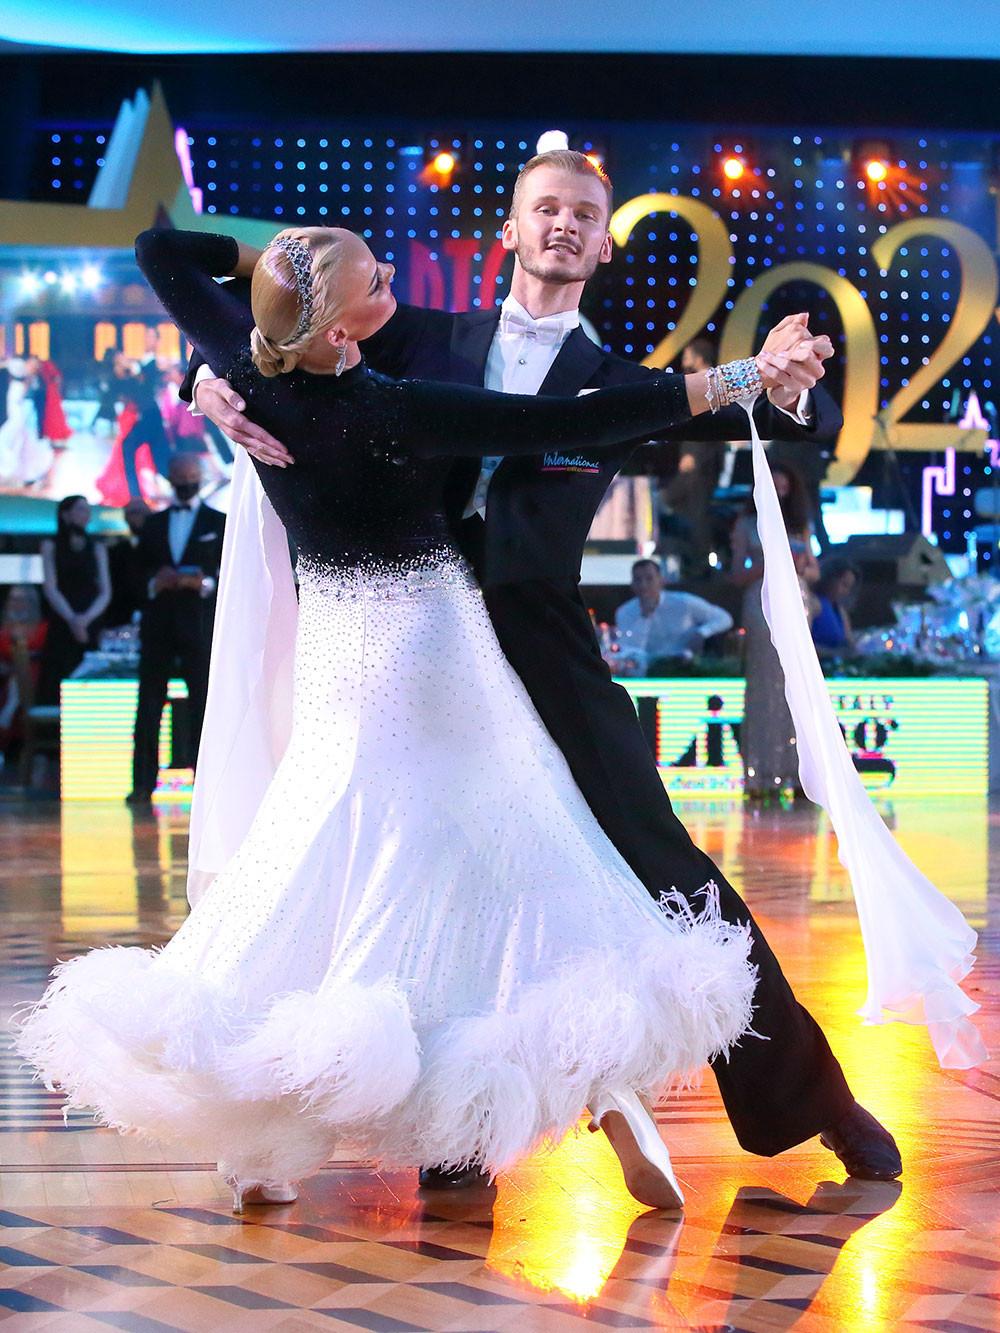 Федор Исаев и Ирина Агалецкая, фото Юрий Коныжев